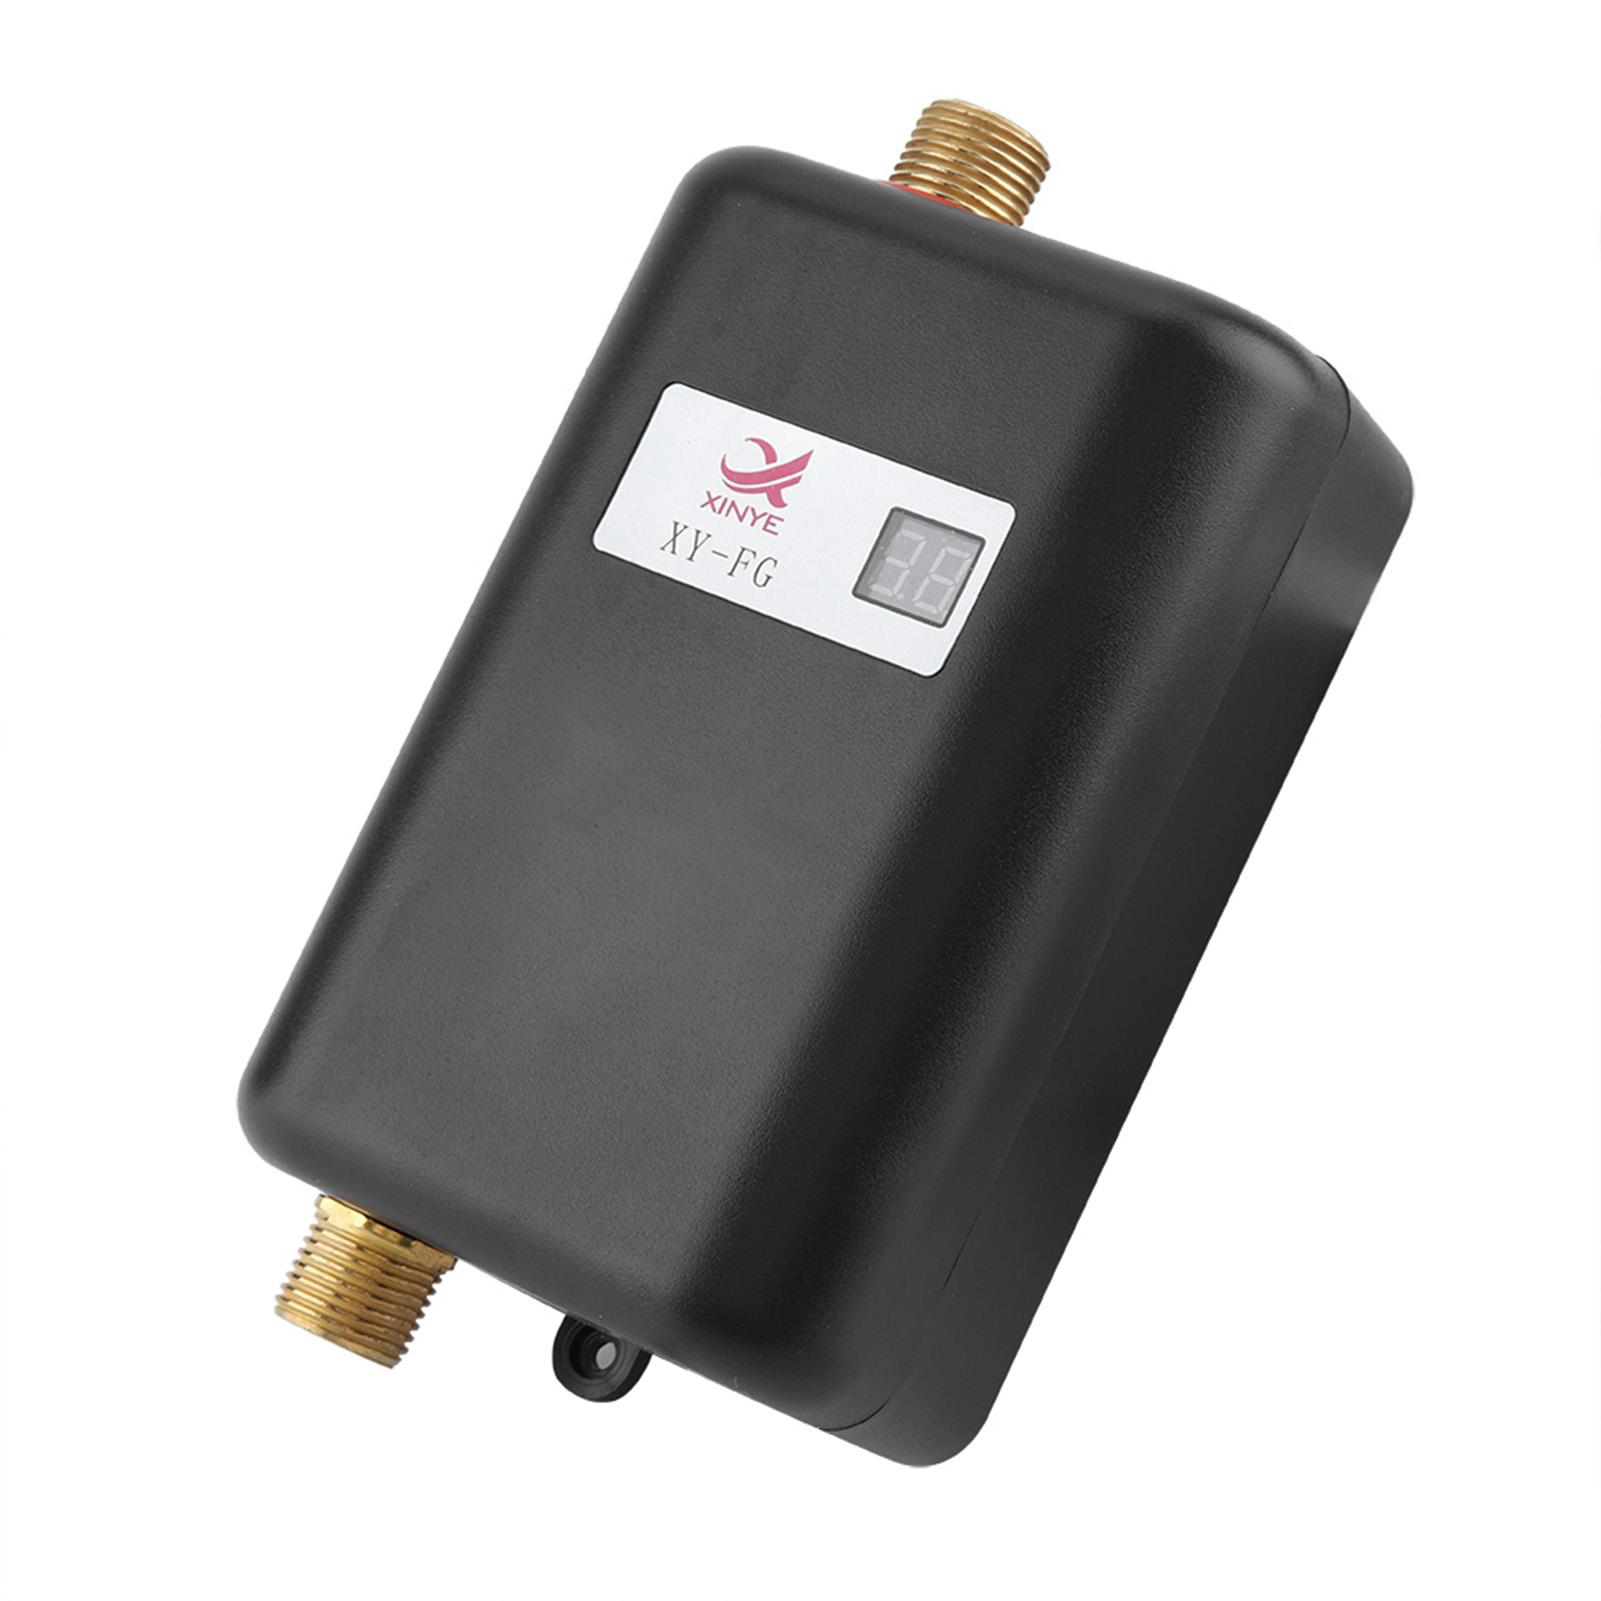 3400w mini chauffe eau instantan electrique temp rature r glable automatique ebay. Black Bedroom Furniture Sets. Home Design Ideas